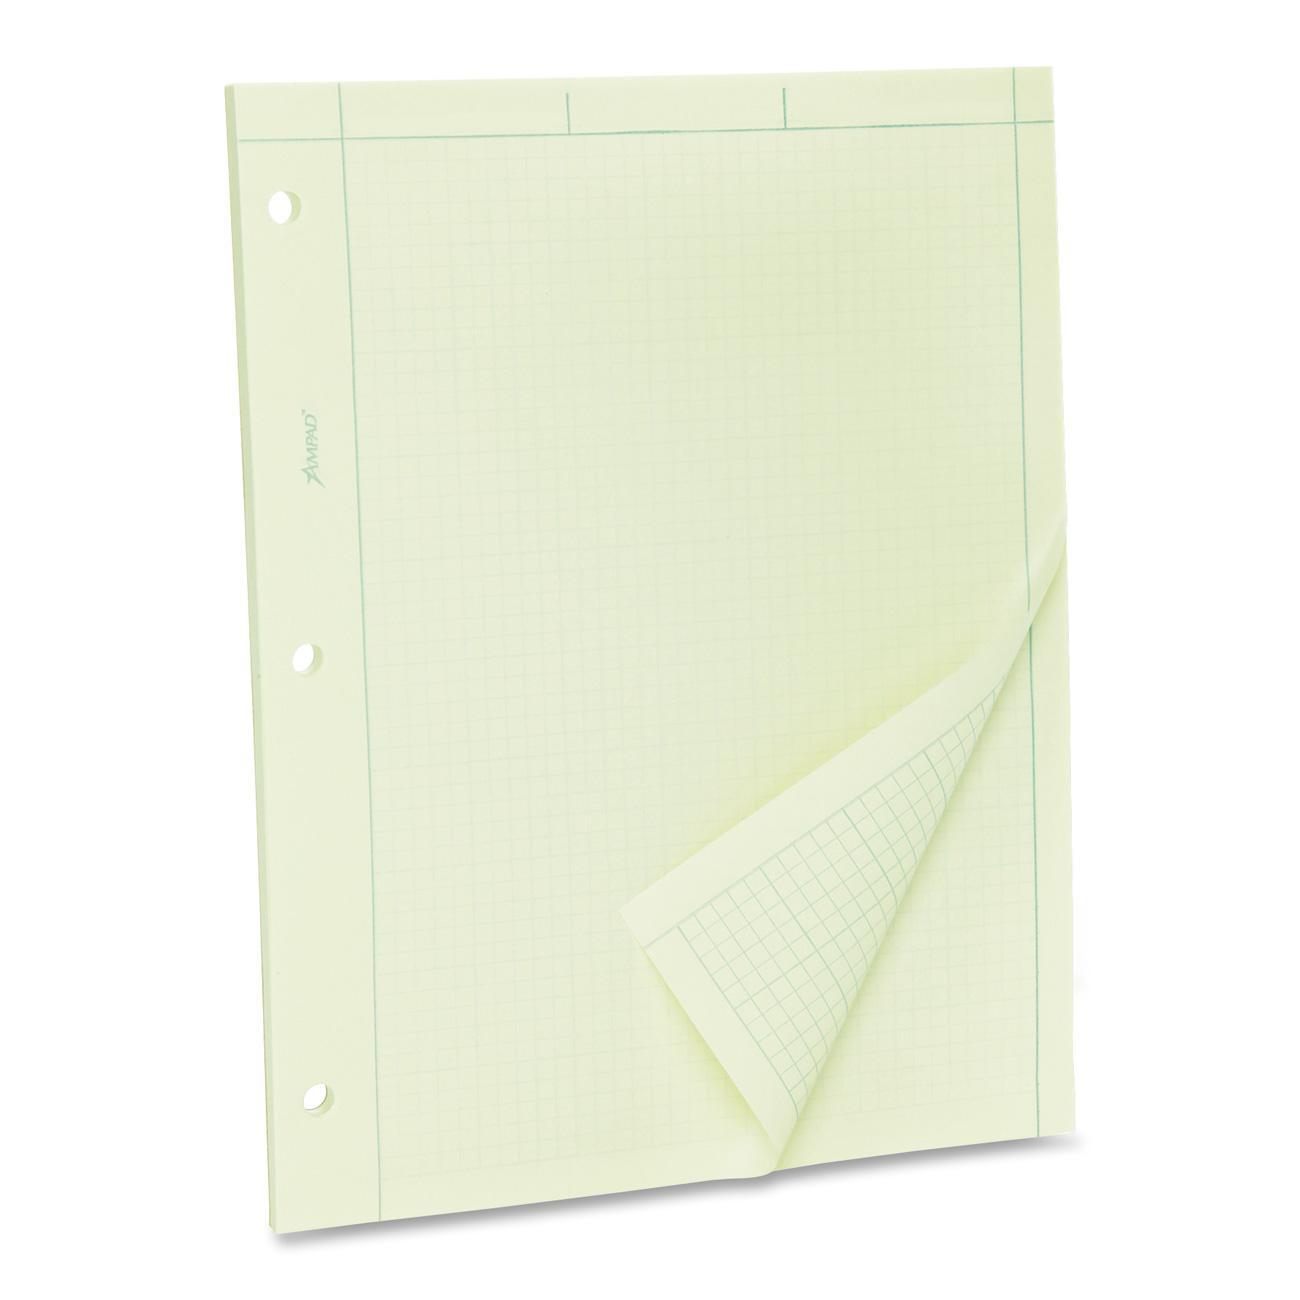 Service Office Supplies Ltd. :: Office Supplies :: Paper & Pads ...